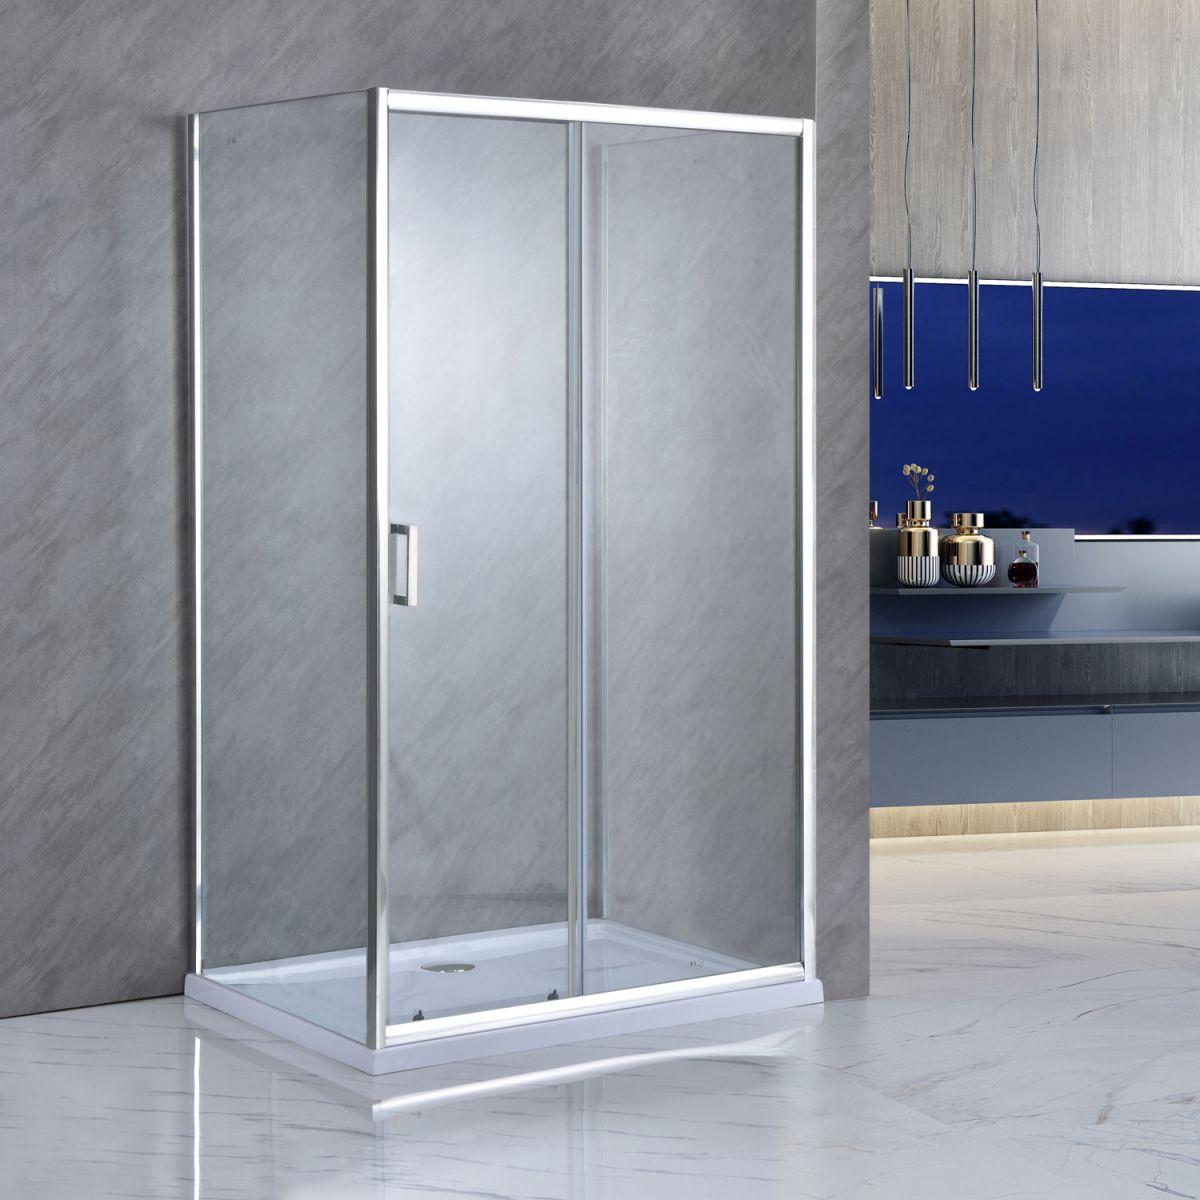 """SE 141 01 Box Cabina doccia tre lati """"Saturno"""" 80x100x80 cm scorrevole cristallo trasparente 6 mm"""